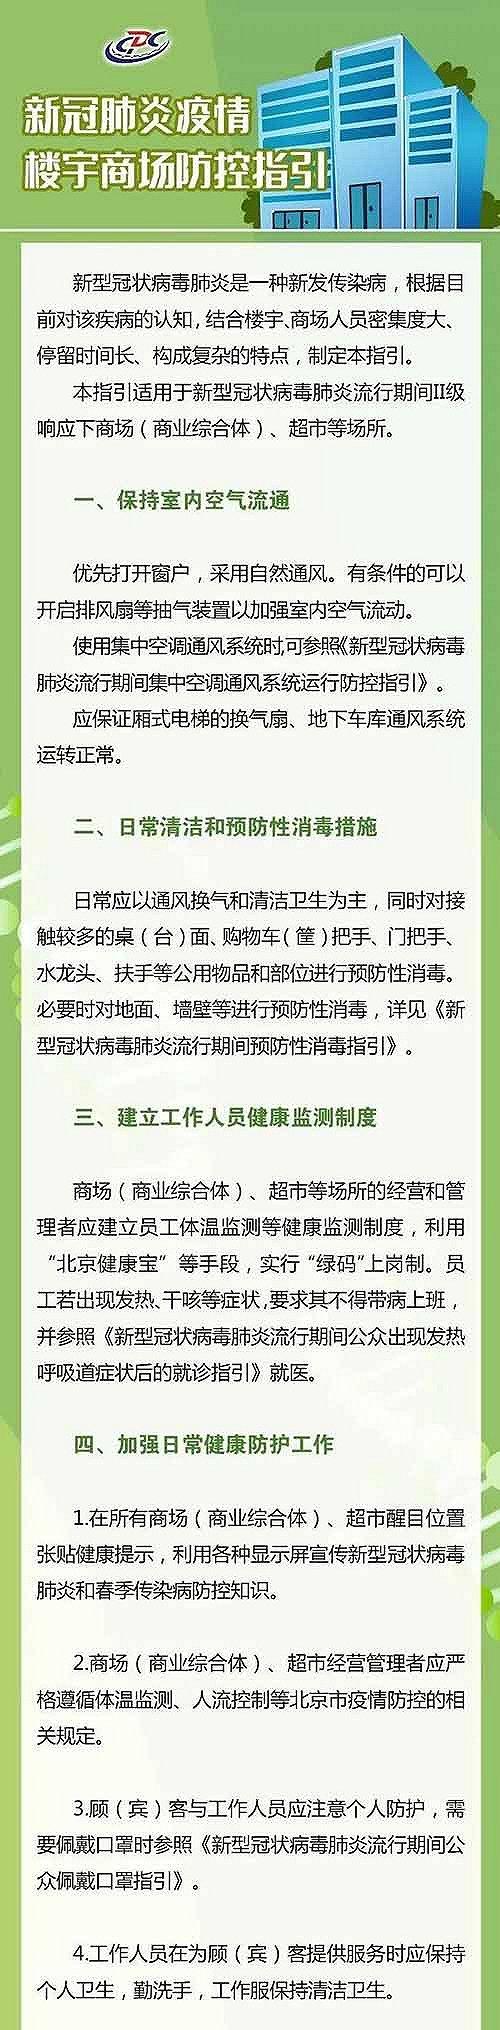 北京市疾控中心发布楼宇商场防控指引 电梯按钮每日至少消毒3次图片